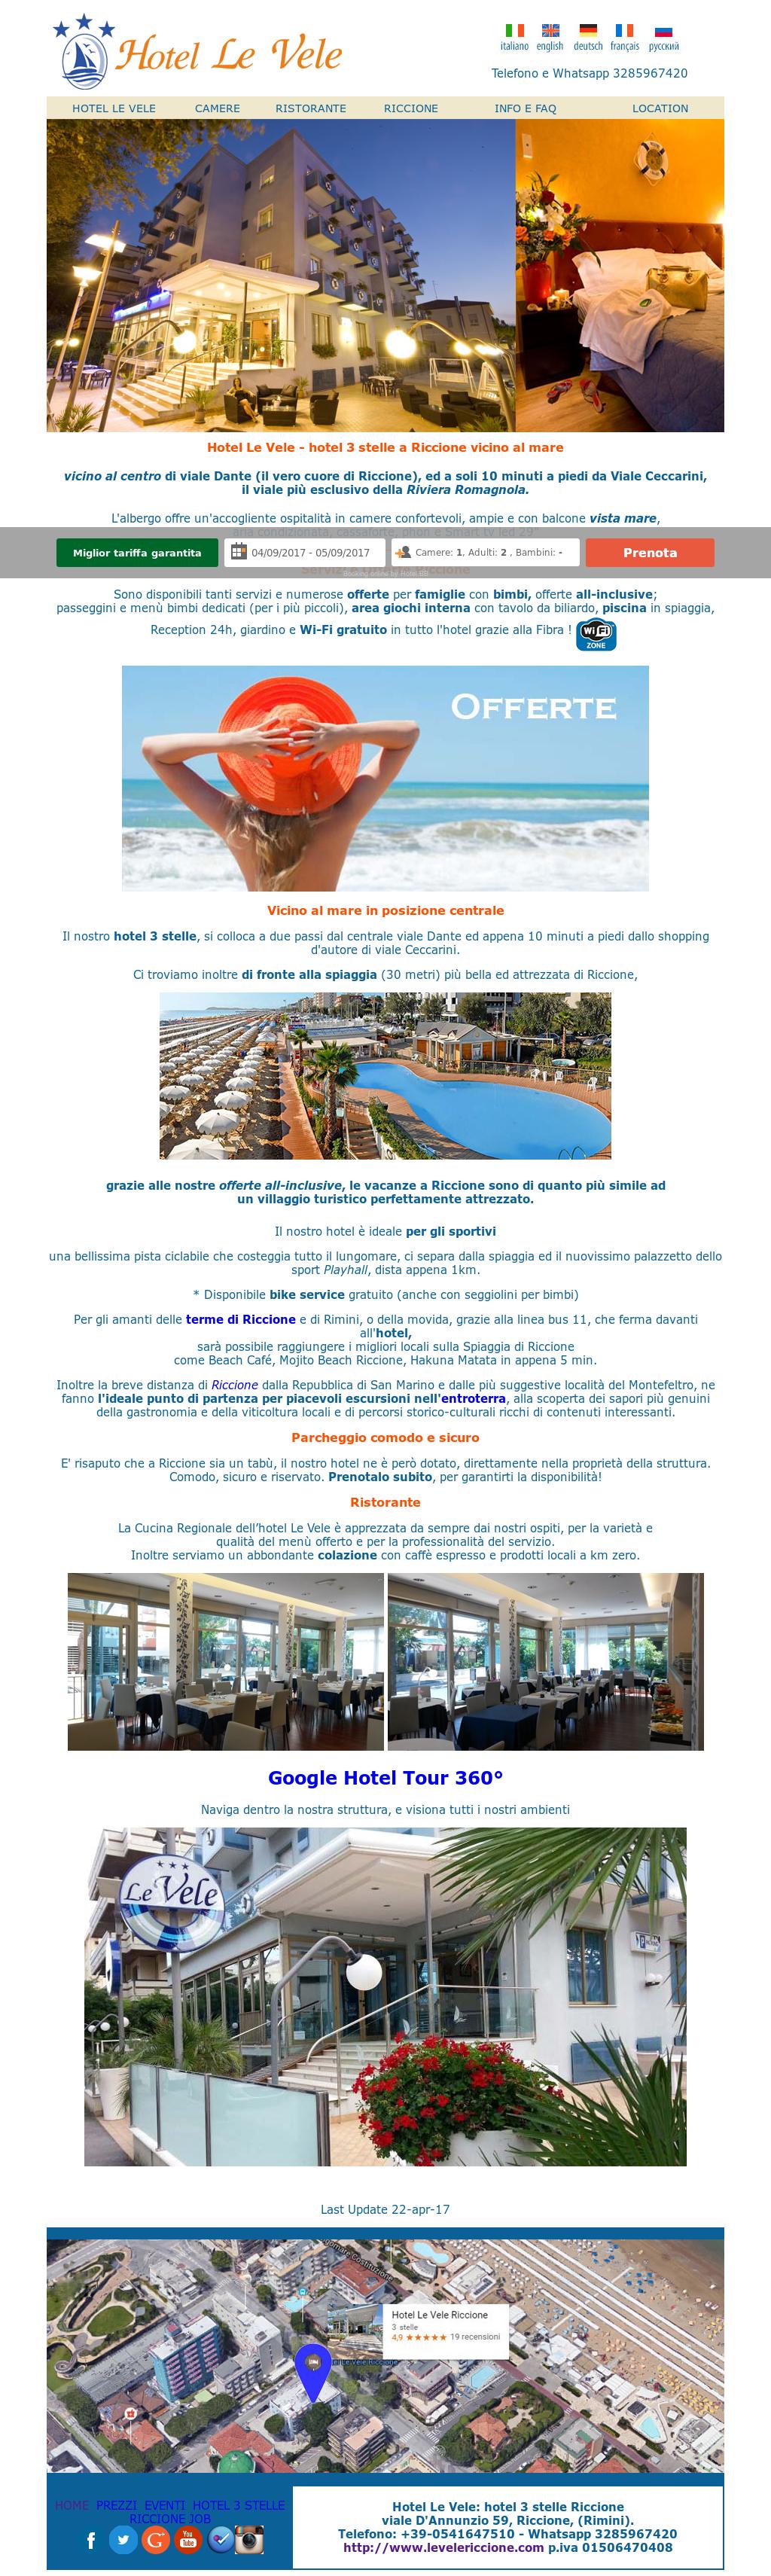 Hotel Le Vele Riccione Competitors, Revenue and Employees - Owler ...